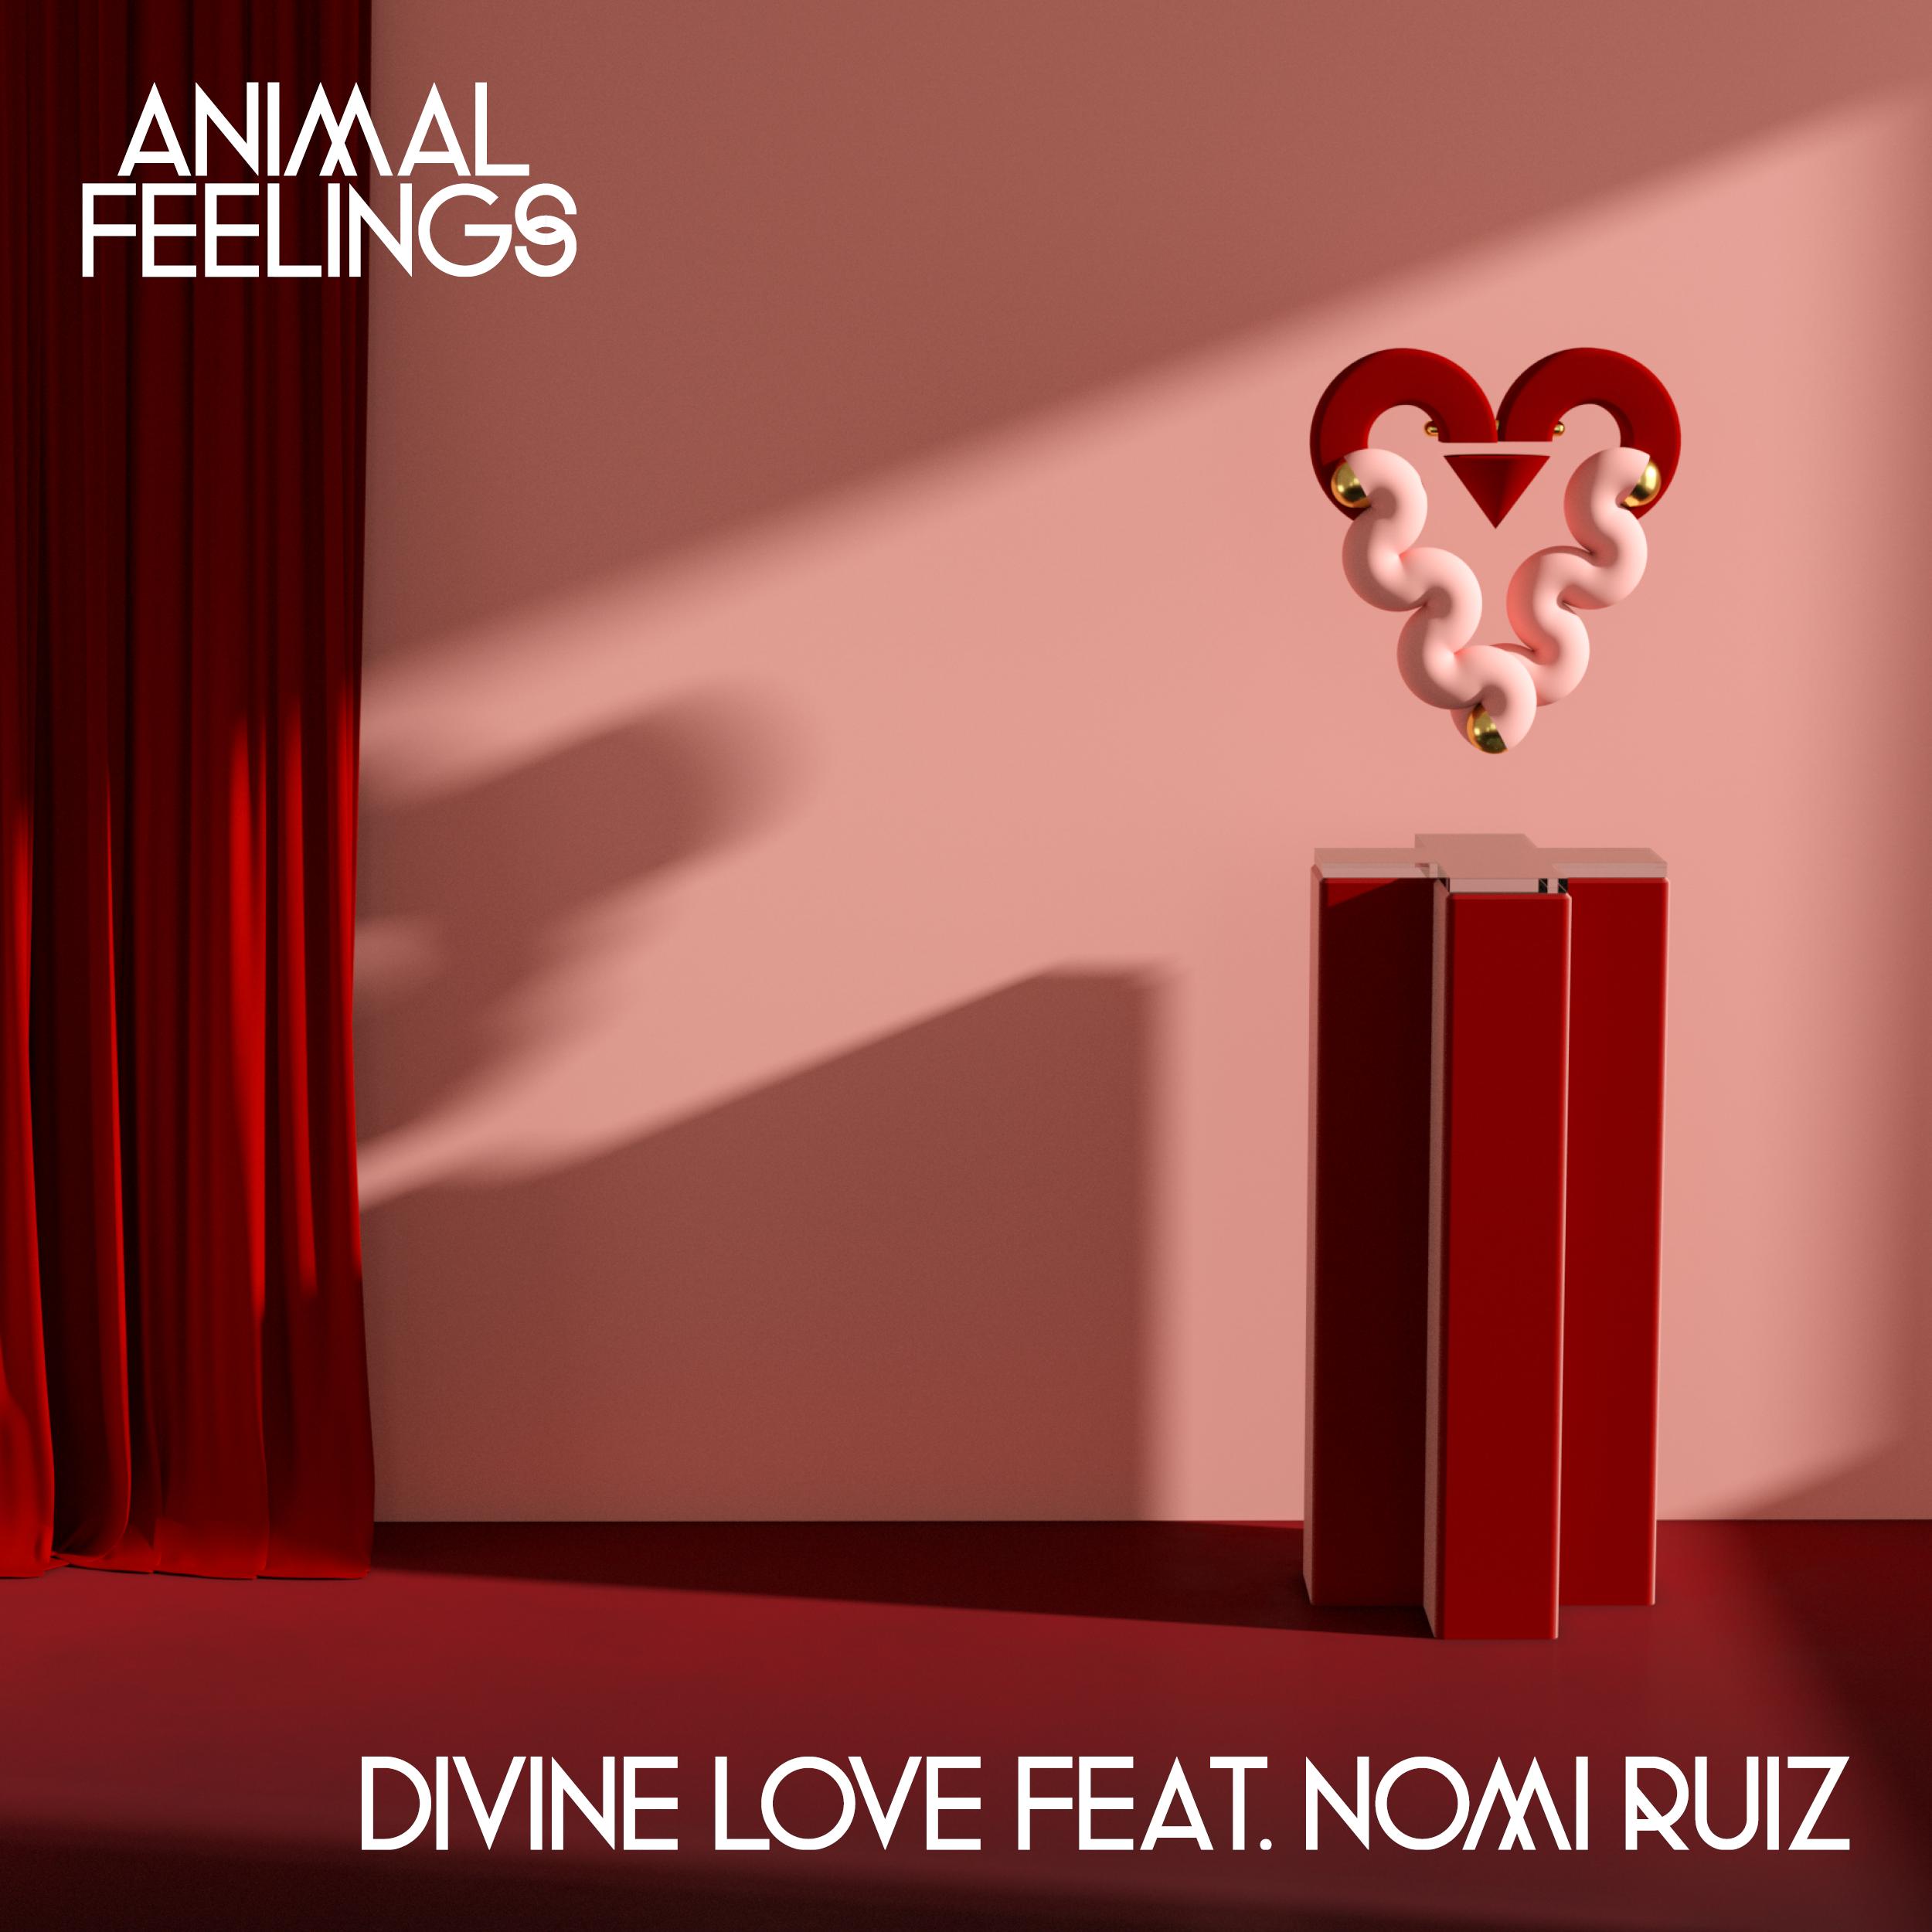 Animal-Feelings-Divine Love Feat Nomi Ruiz 7.png